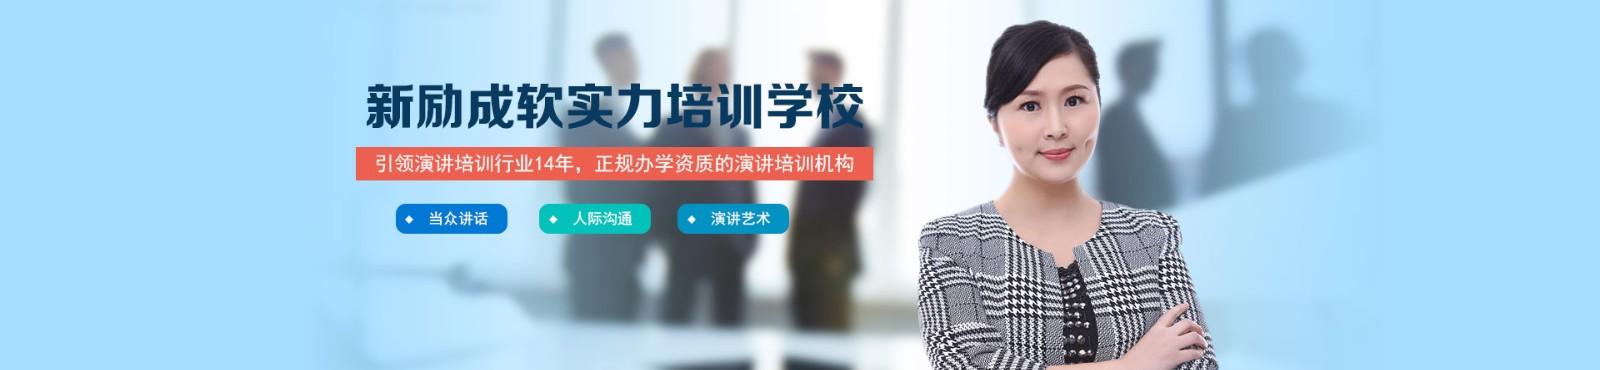 济南新励成口才合乐彩票app学校 横幅广告